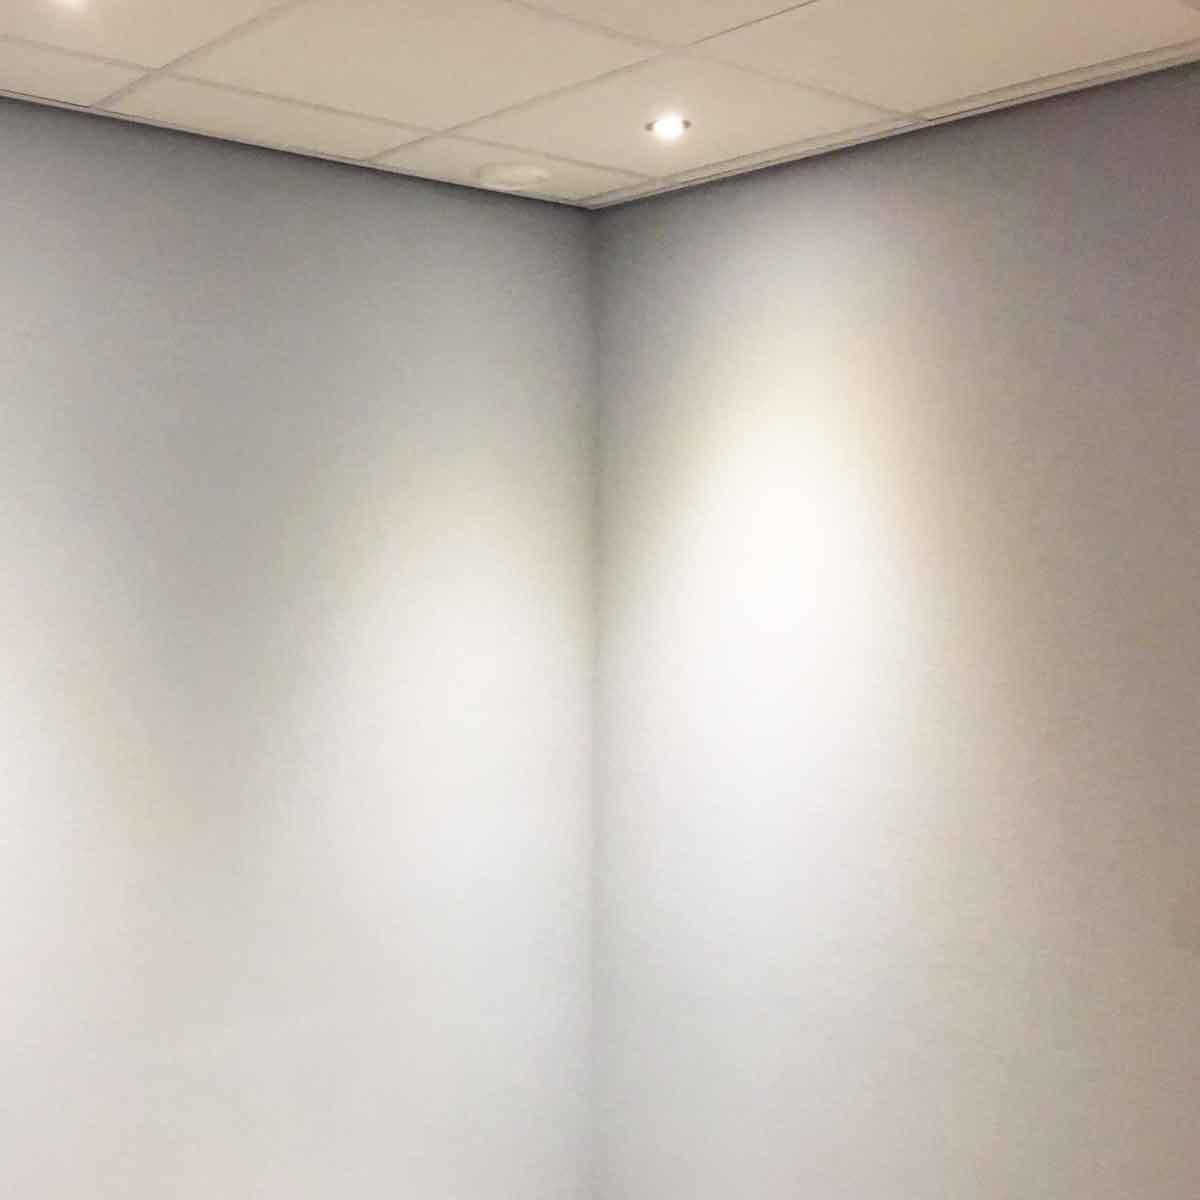 Cruden Stukadoors Dinxperlo stucwerk portiek Aalten